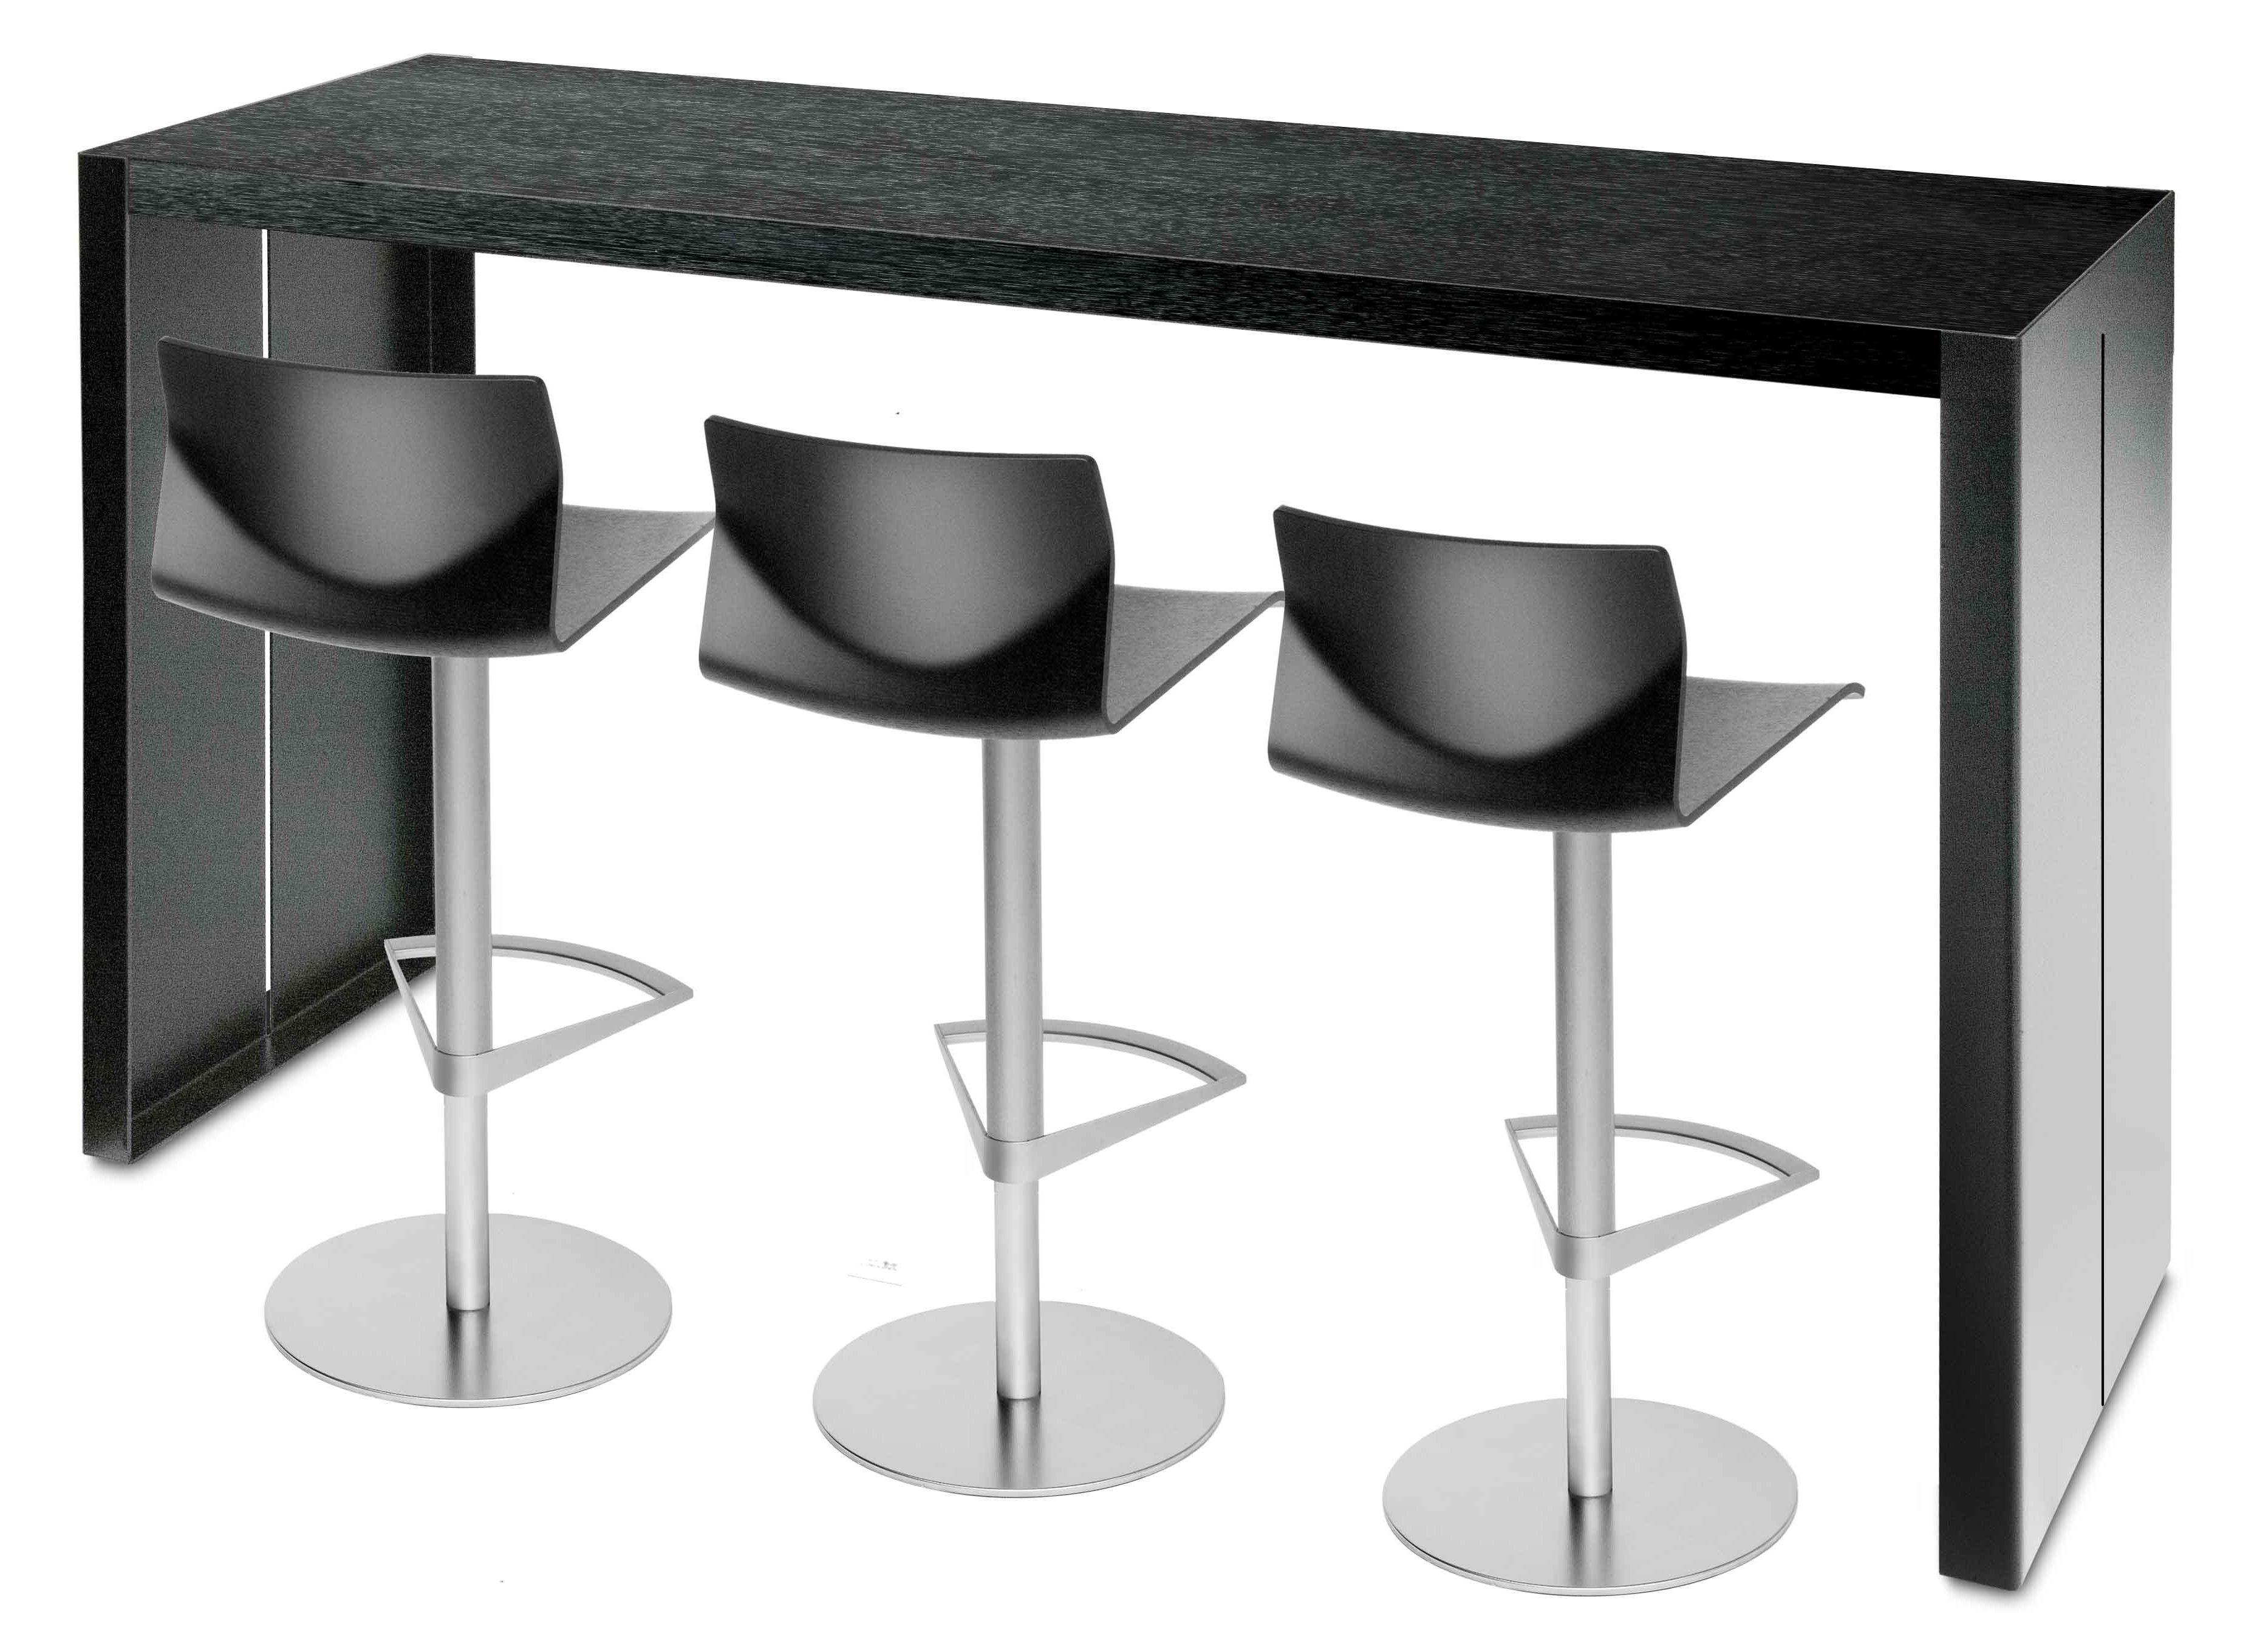 scopri tavolo alto panco h 110 cm nero l 240 cm di la